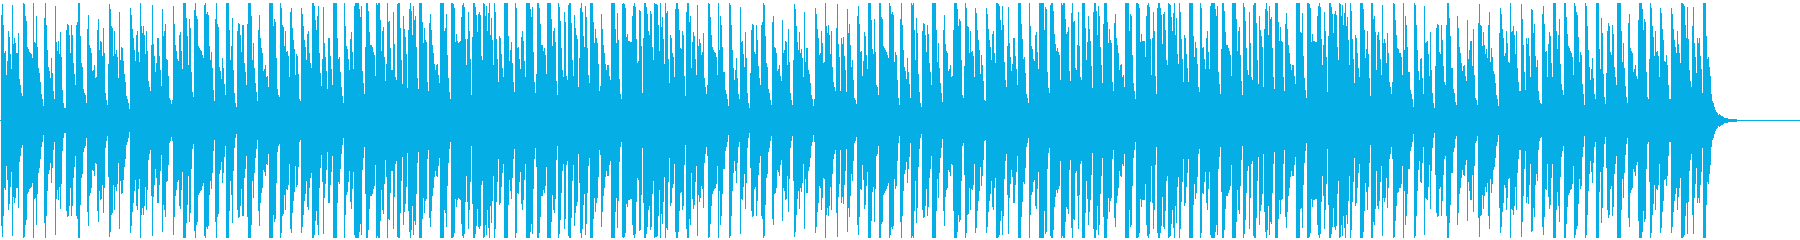 日常 ほのぼのBGM アコースティックの再生済みの波形